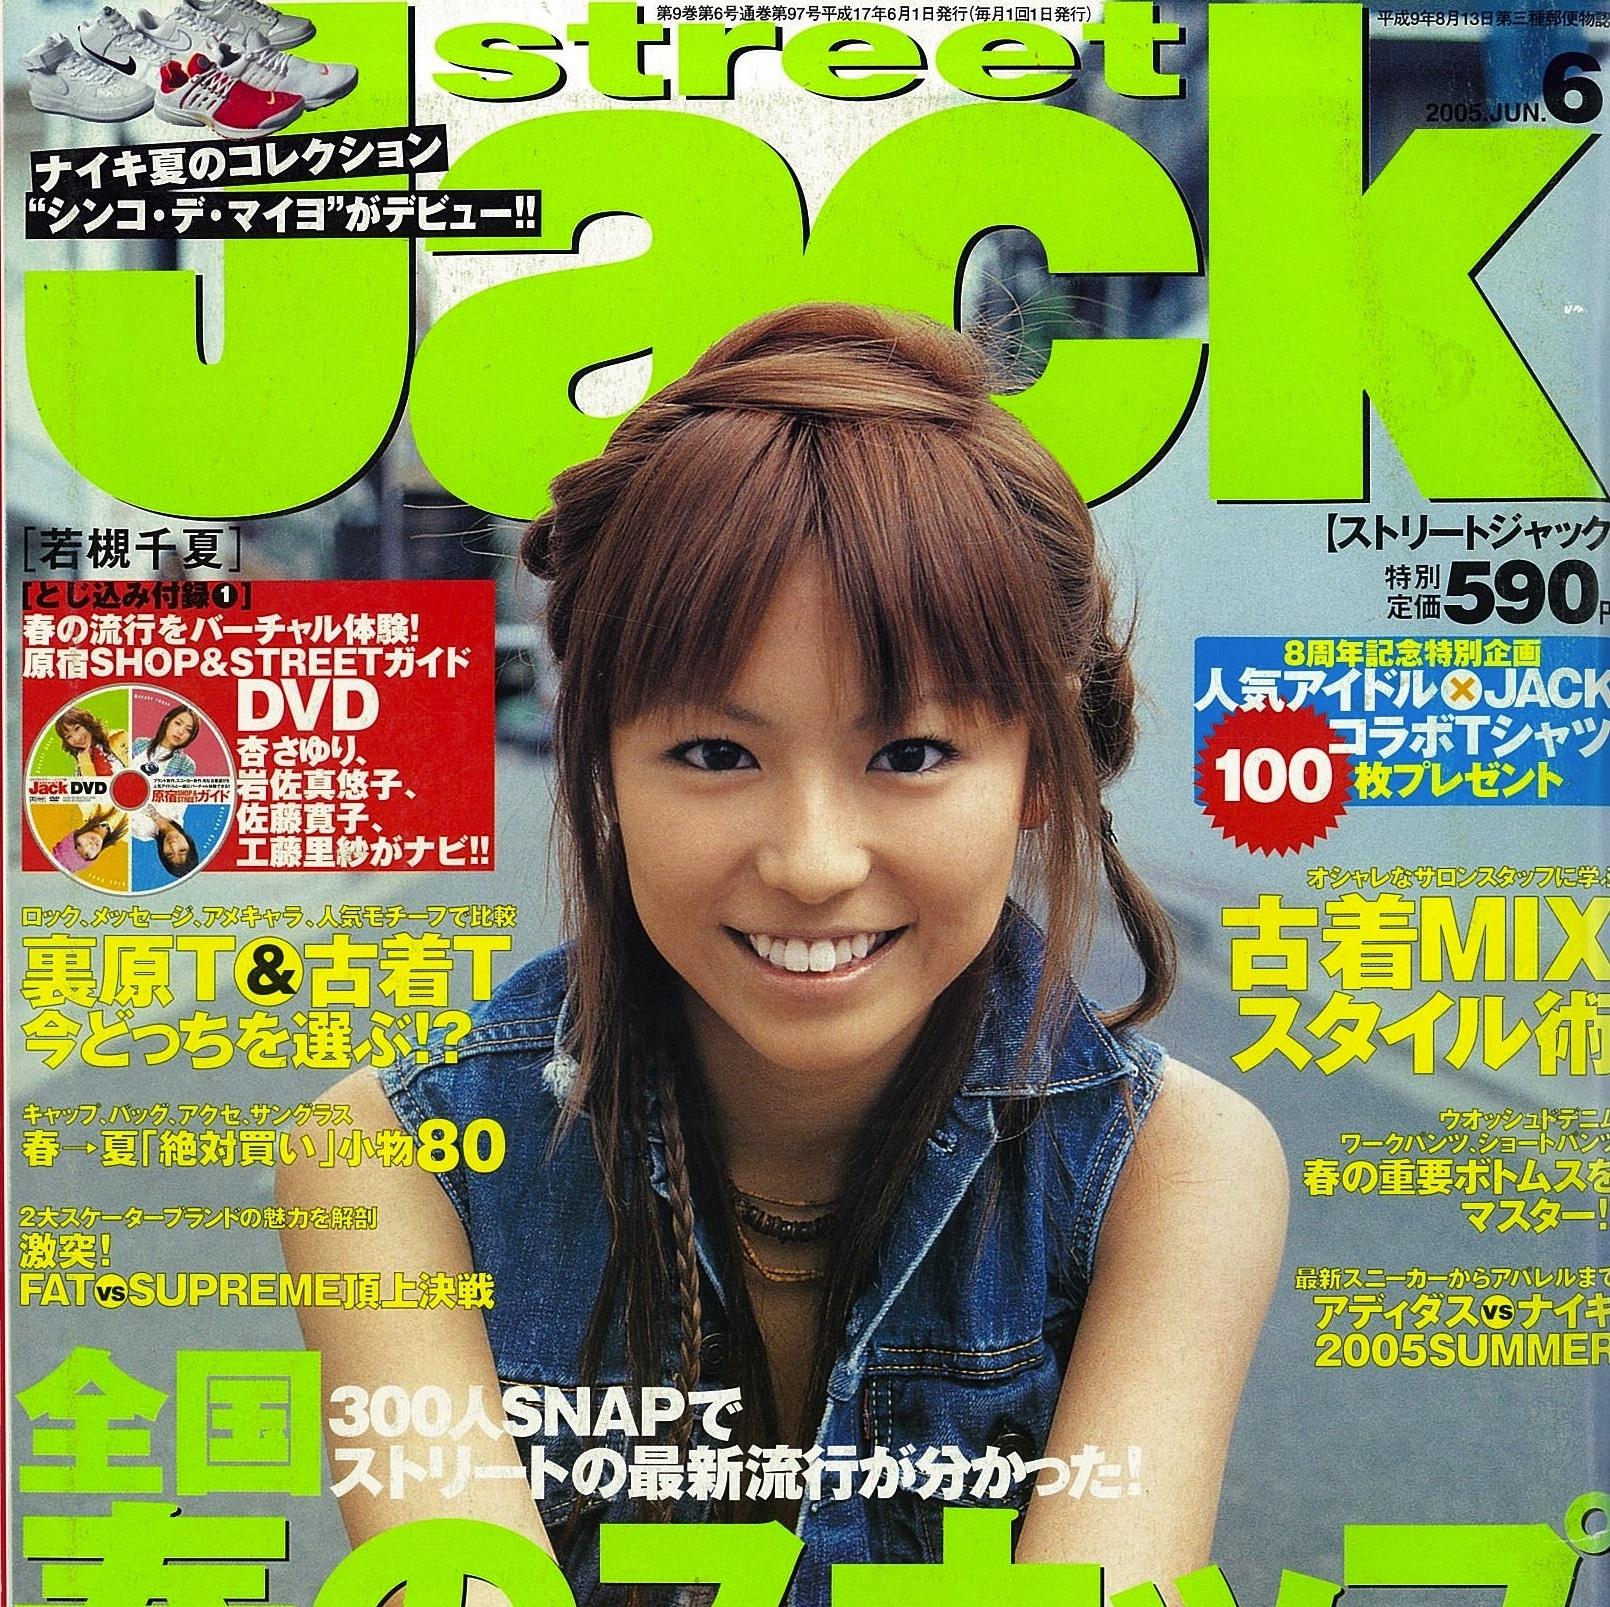 長澤、綾瀬、沢尻にガッキー、石原さとみ…「女優大豊作時代」を振り返る。